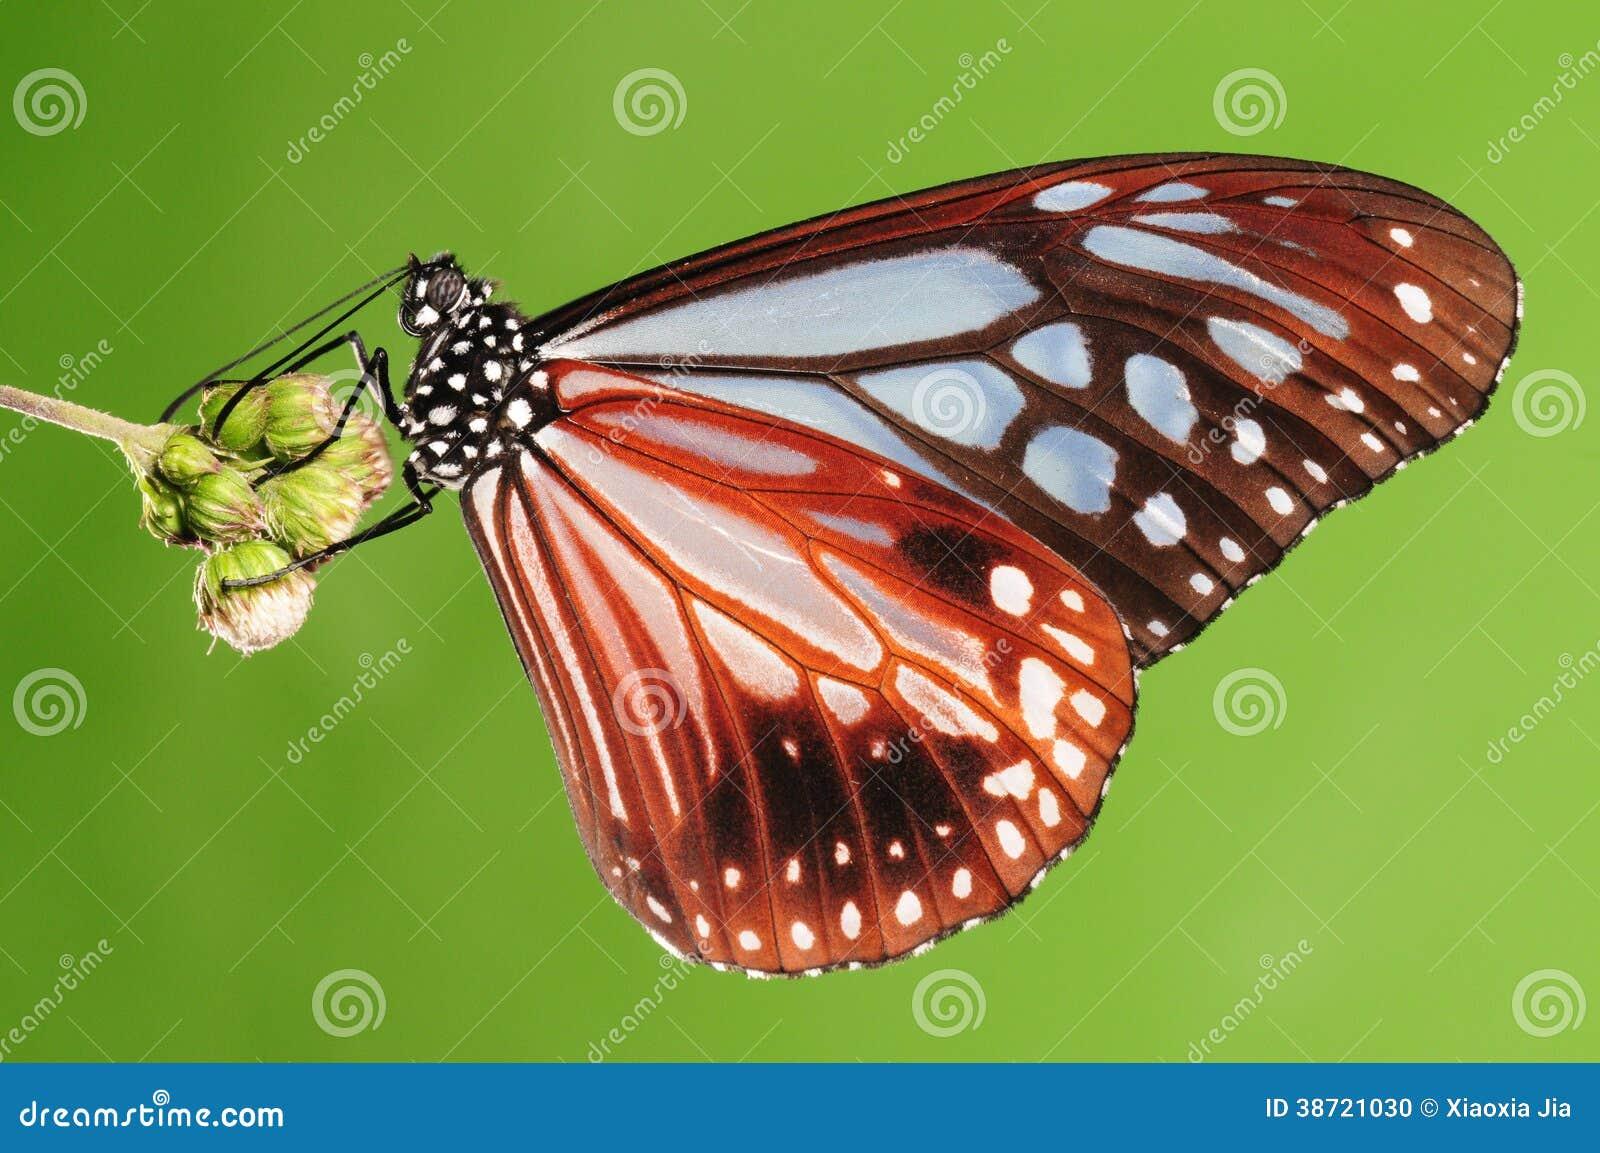 Tìm hiểu Bướm - Page 20 Butterfly-parantica-swinhoei-underside-wings-cyan-brown-38721030